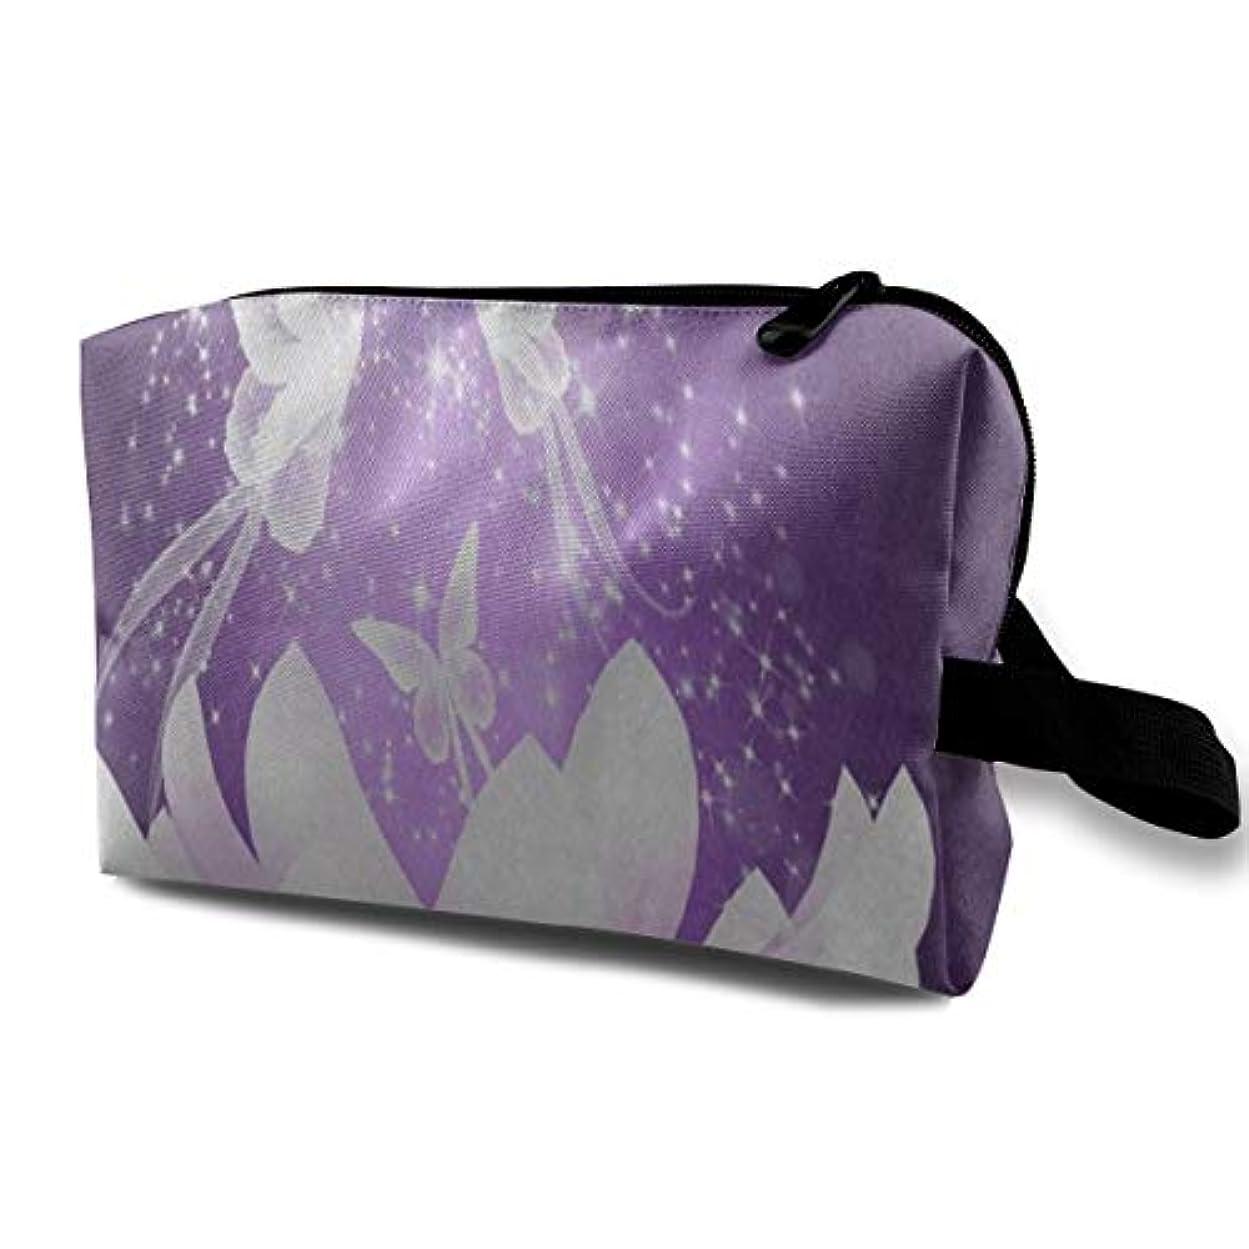 収束する比類なきアブストラクト美しい紫蝶蓮の花 ポーチ 旅行 化粧ポーチ 防水 収納ポーチ コスメポーチ 軽量 トラベルポーチ25cm×16cm×12cm